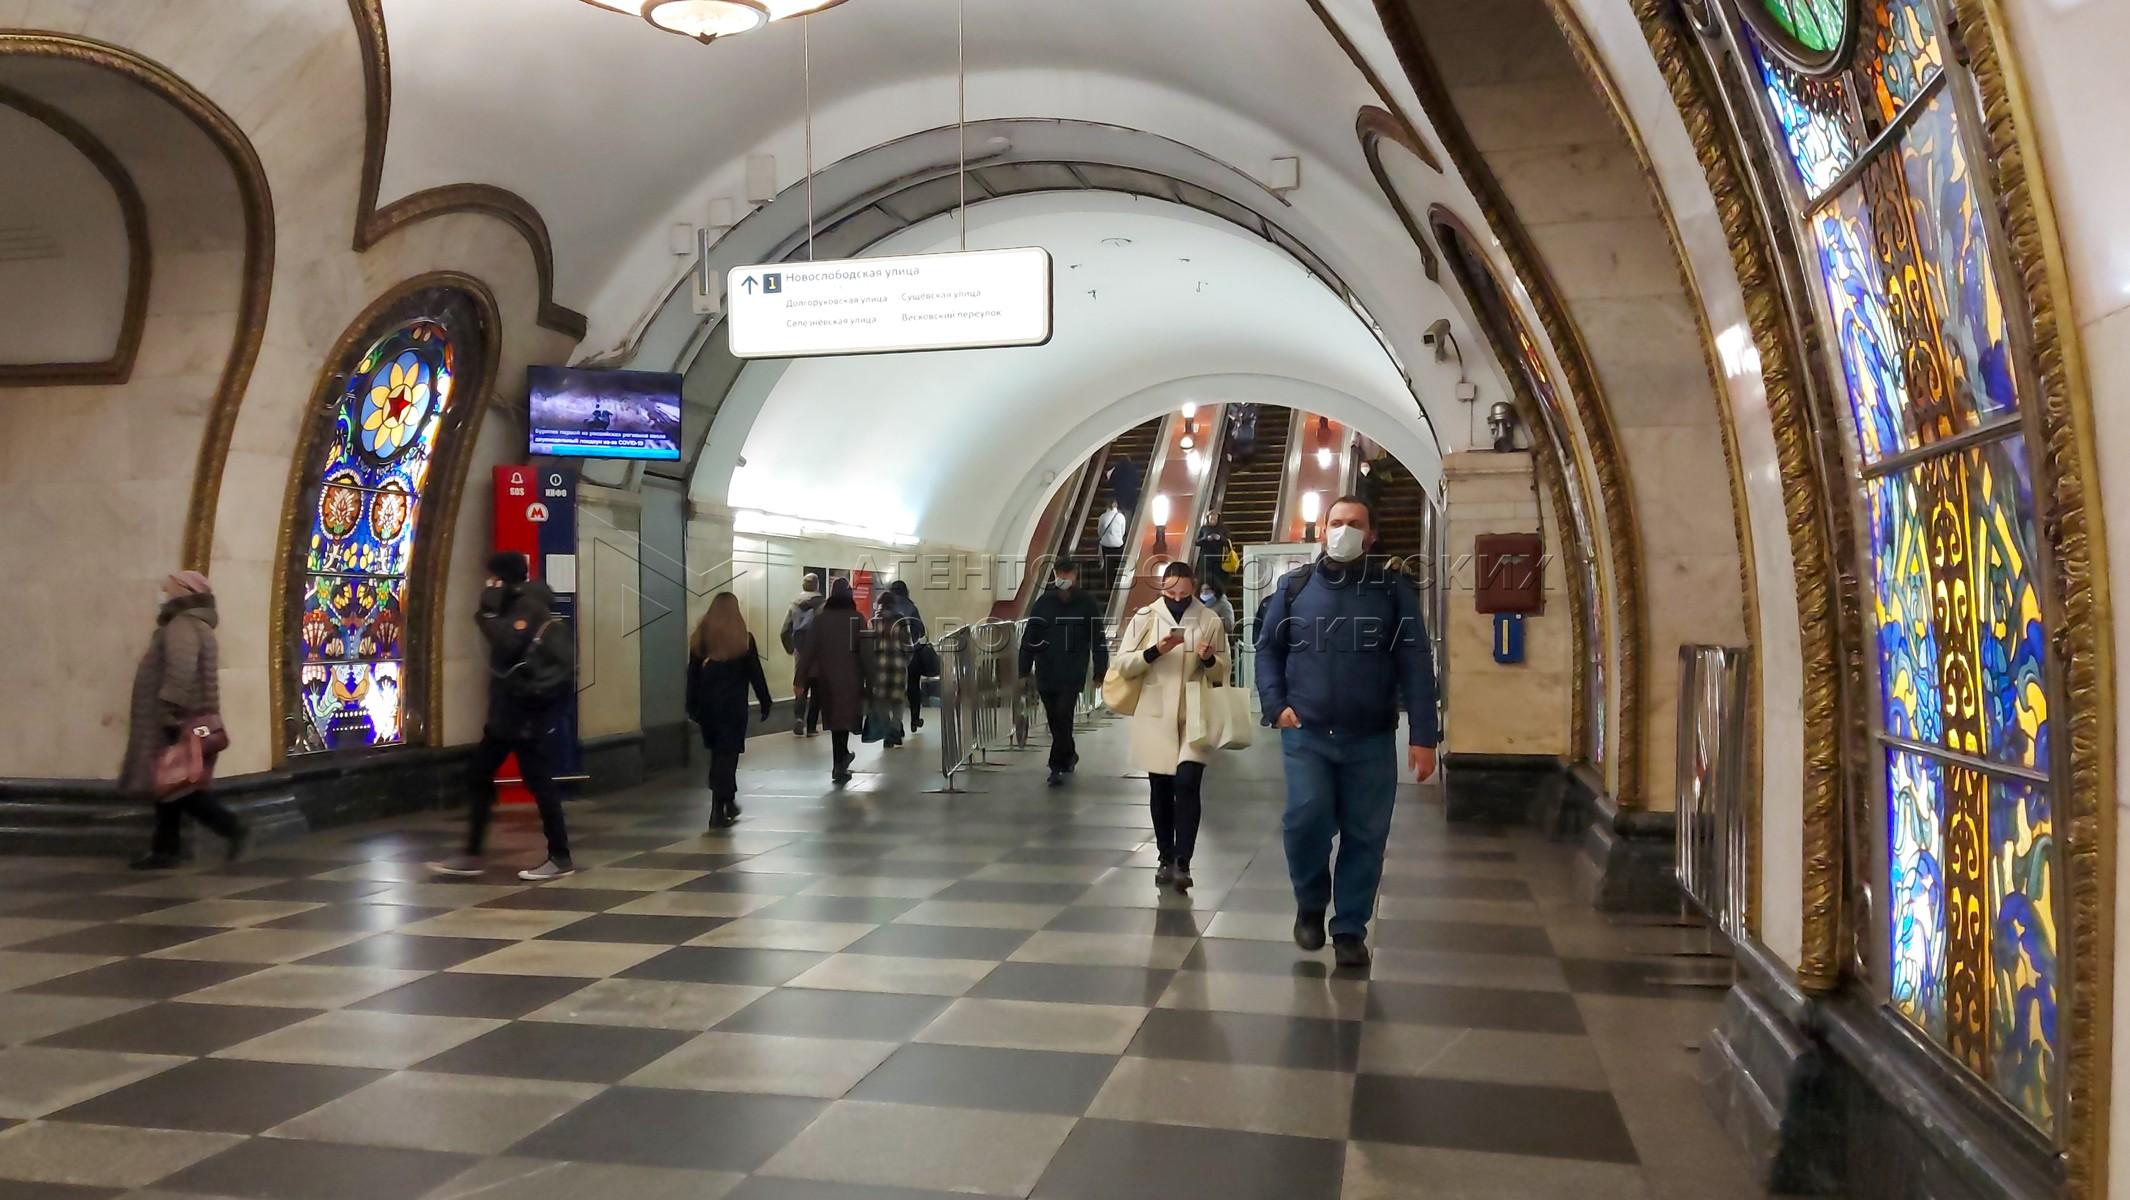 Вестибюль станции «Новослободская» Кольцевой линии Московского метрополитена, который 21 ноября будет закрыт на год для проведения реставрационных и ремонтных работ.